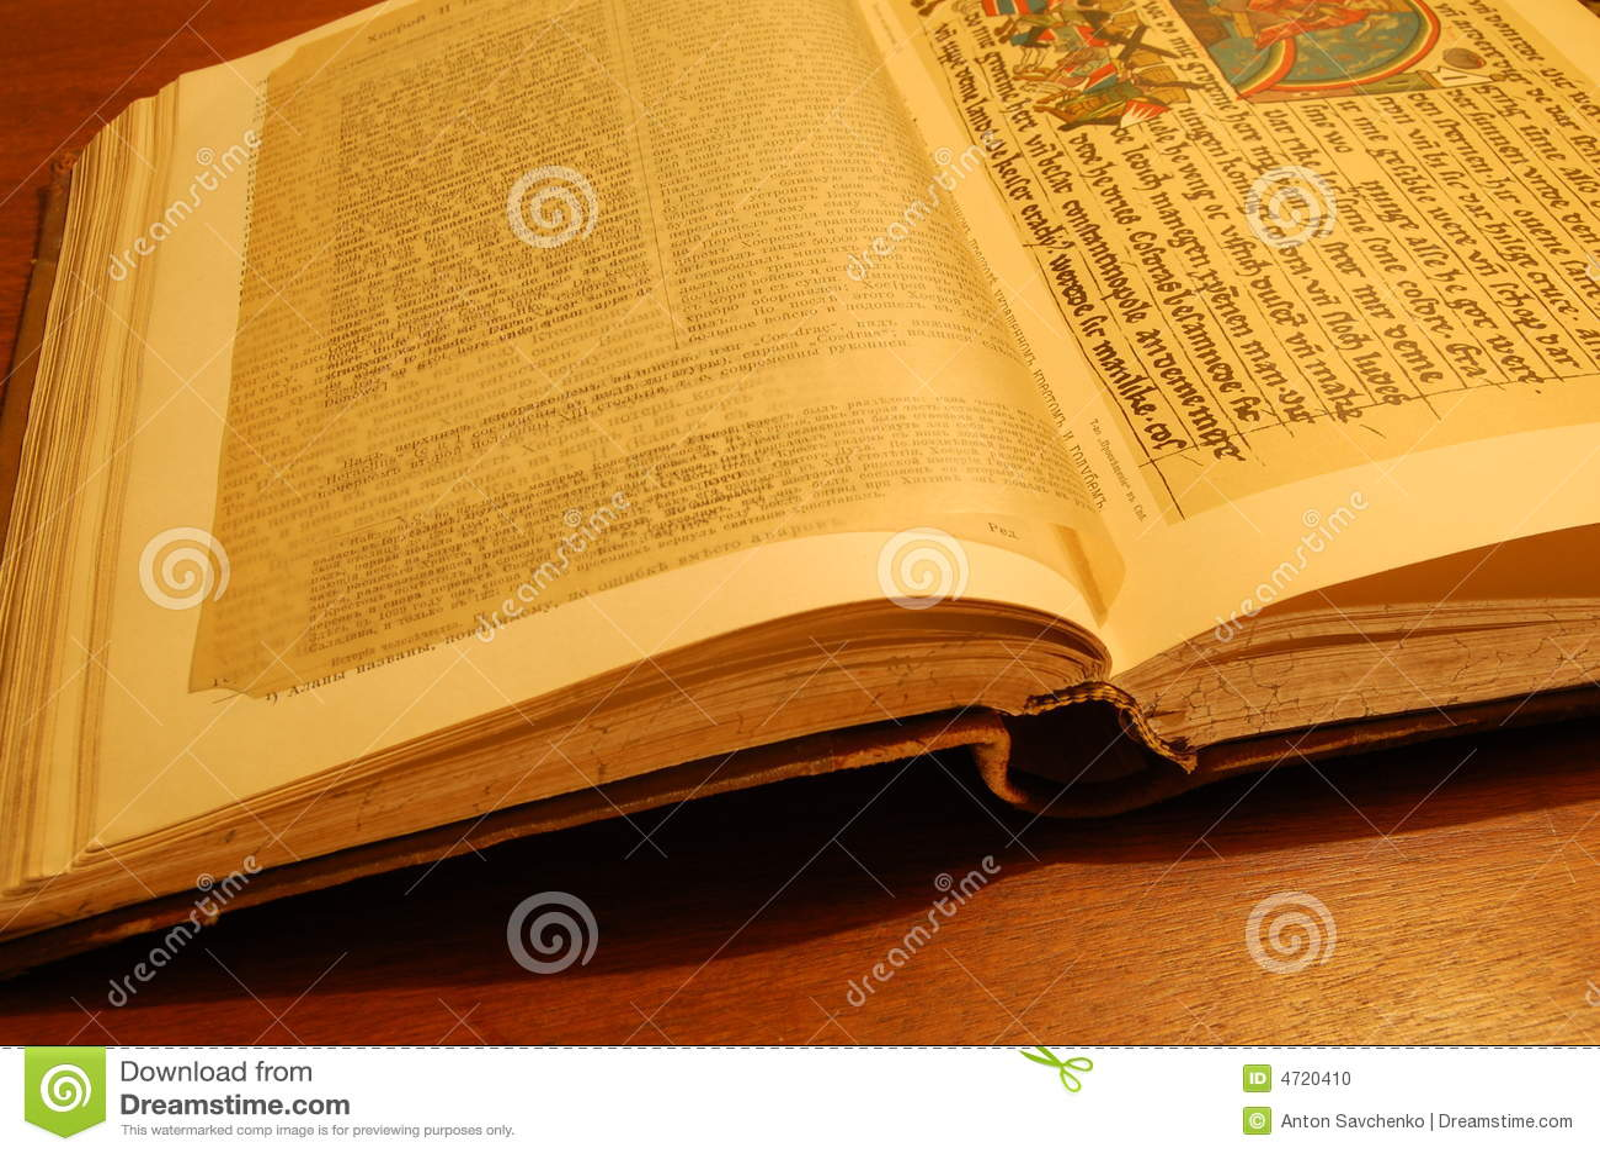 Livre Ancien Sur Une Table Photo Stock Image Du